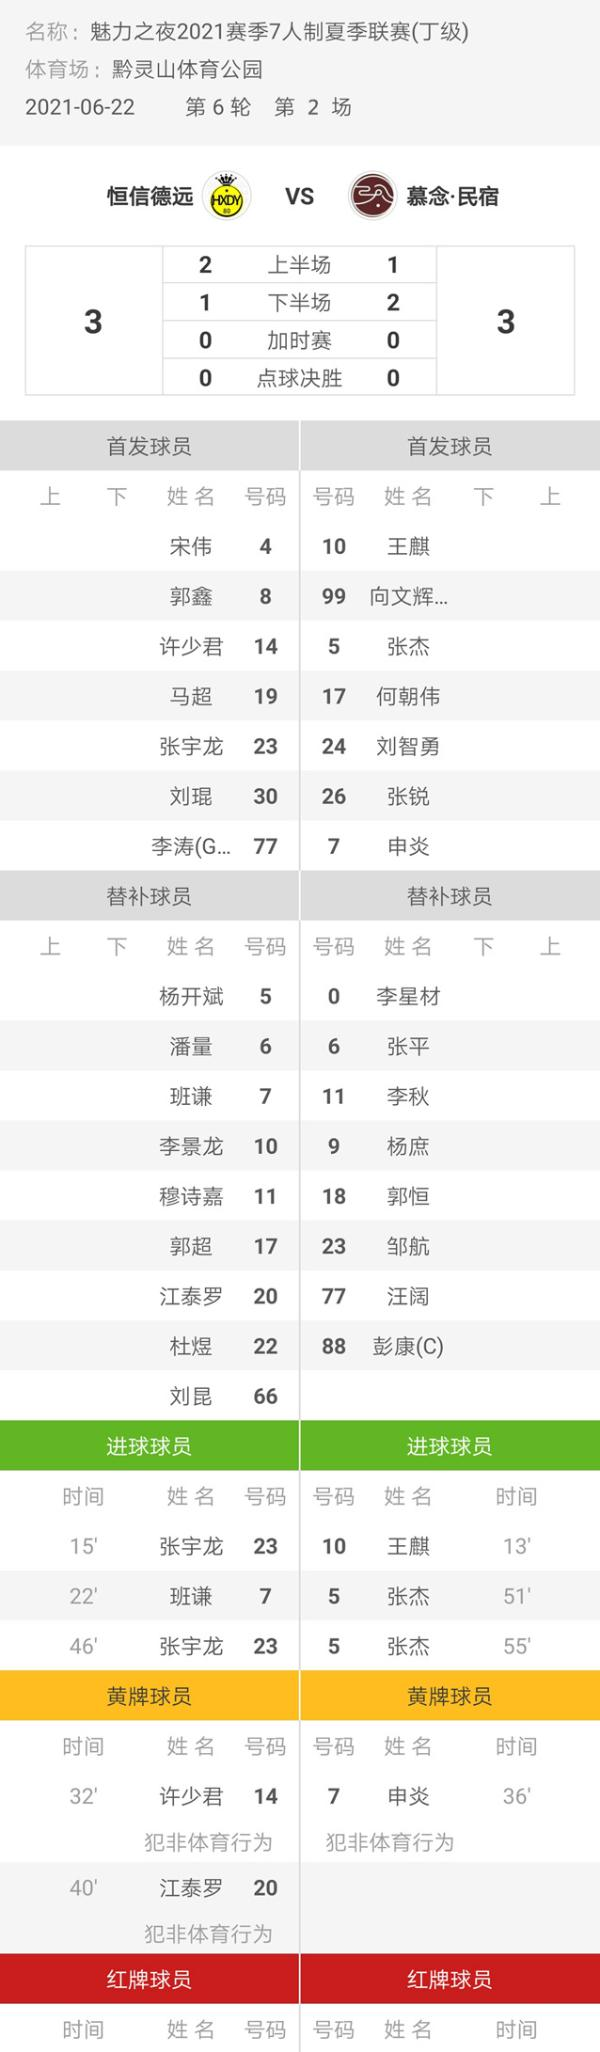 魅力之夜2021赛季7人制足球夏季联赛 恒信德远3-3慕念·民宿